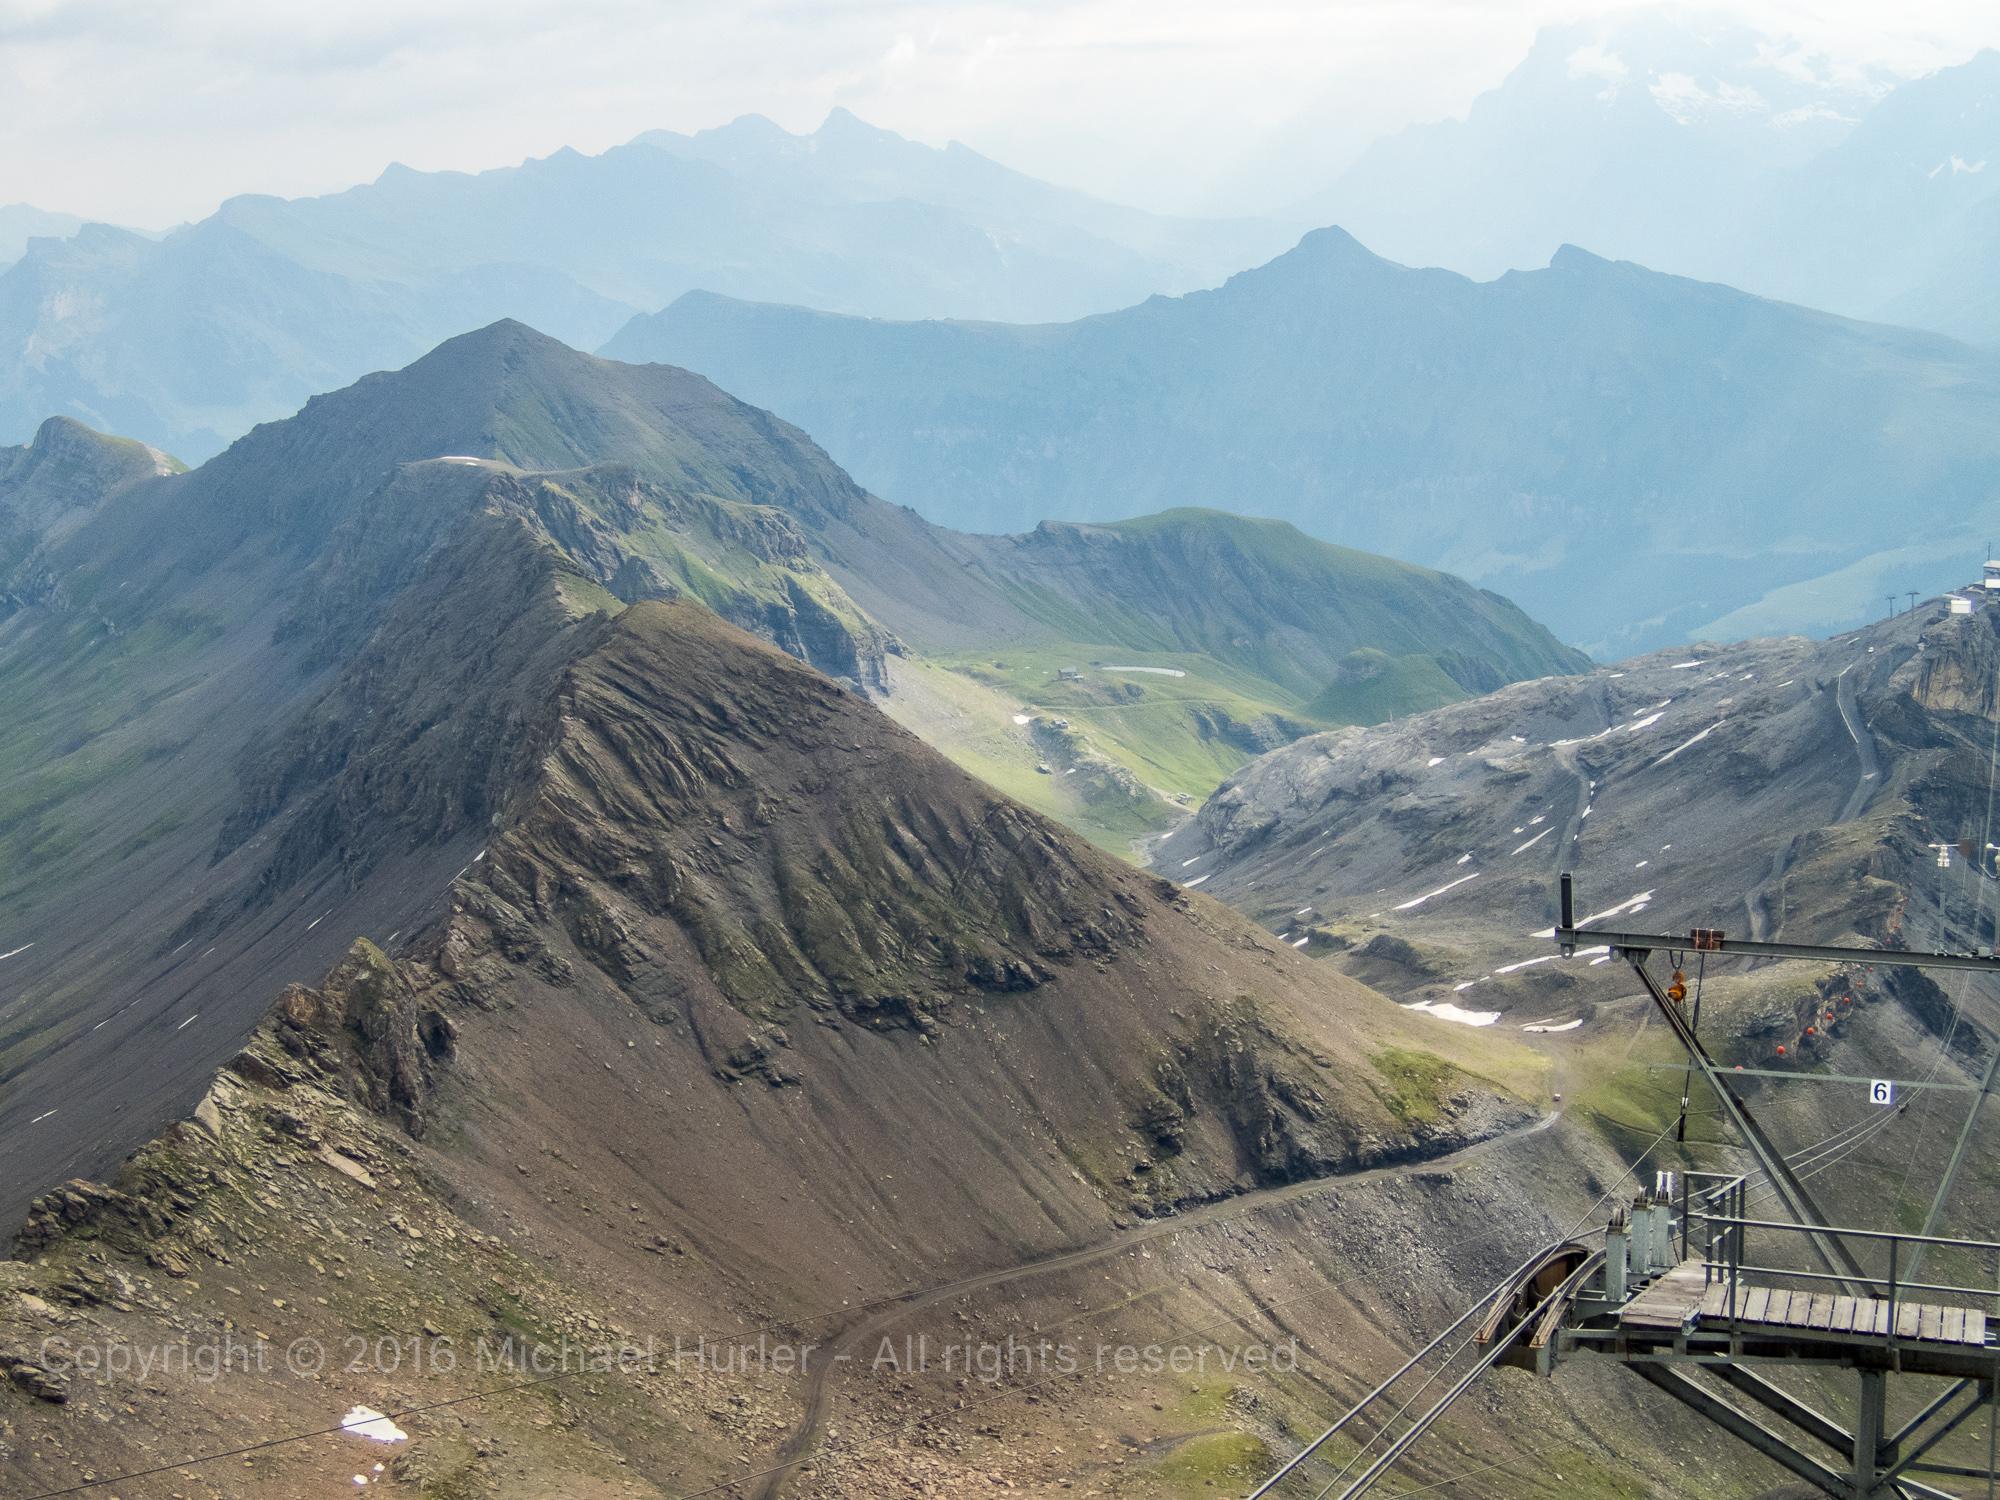 18.08.2016, Bärentrek - Von Mürren nach Kandersteg, Schilthorn